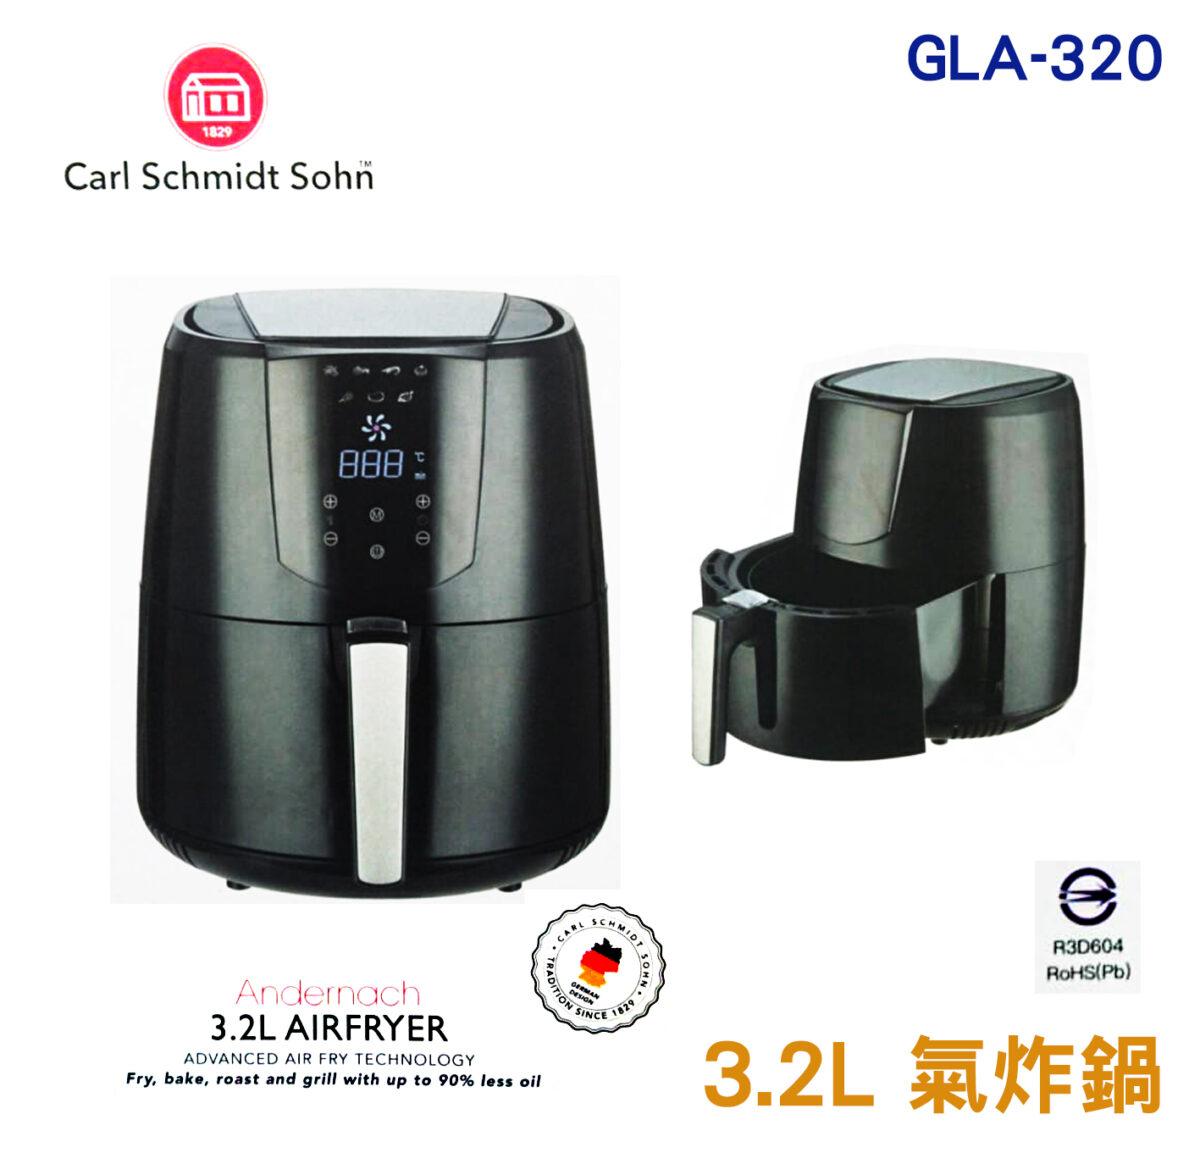 【佳麗寶】(德國卡爾)3.2L微電腦液晶觸控面板 電子式溫控 氣炸鍋 (GLA-320)-0